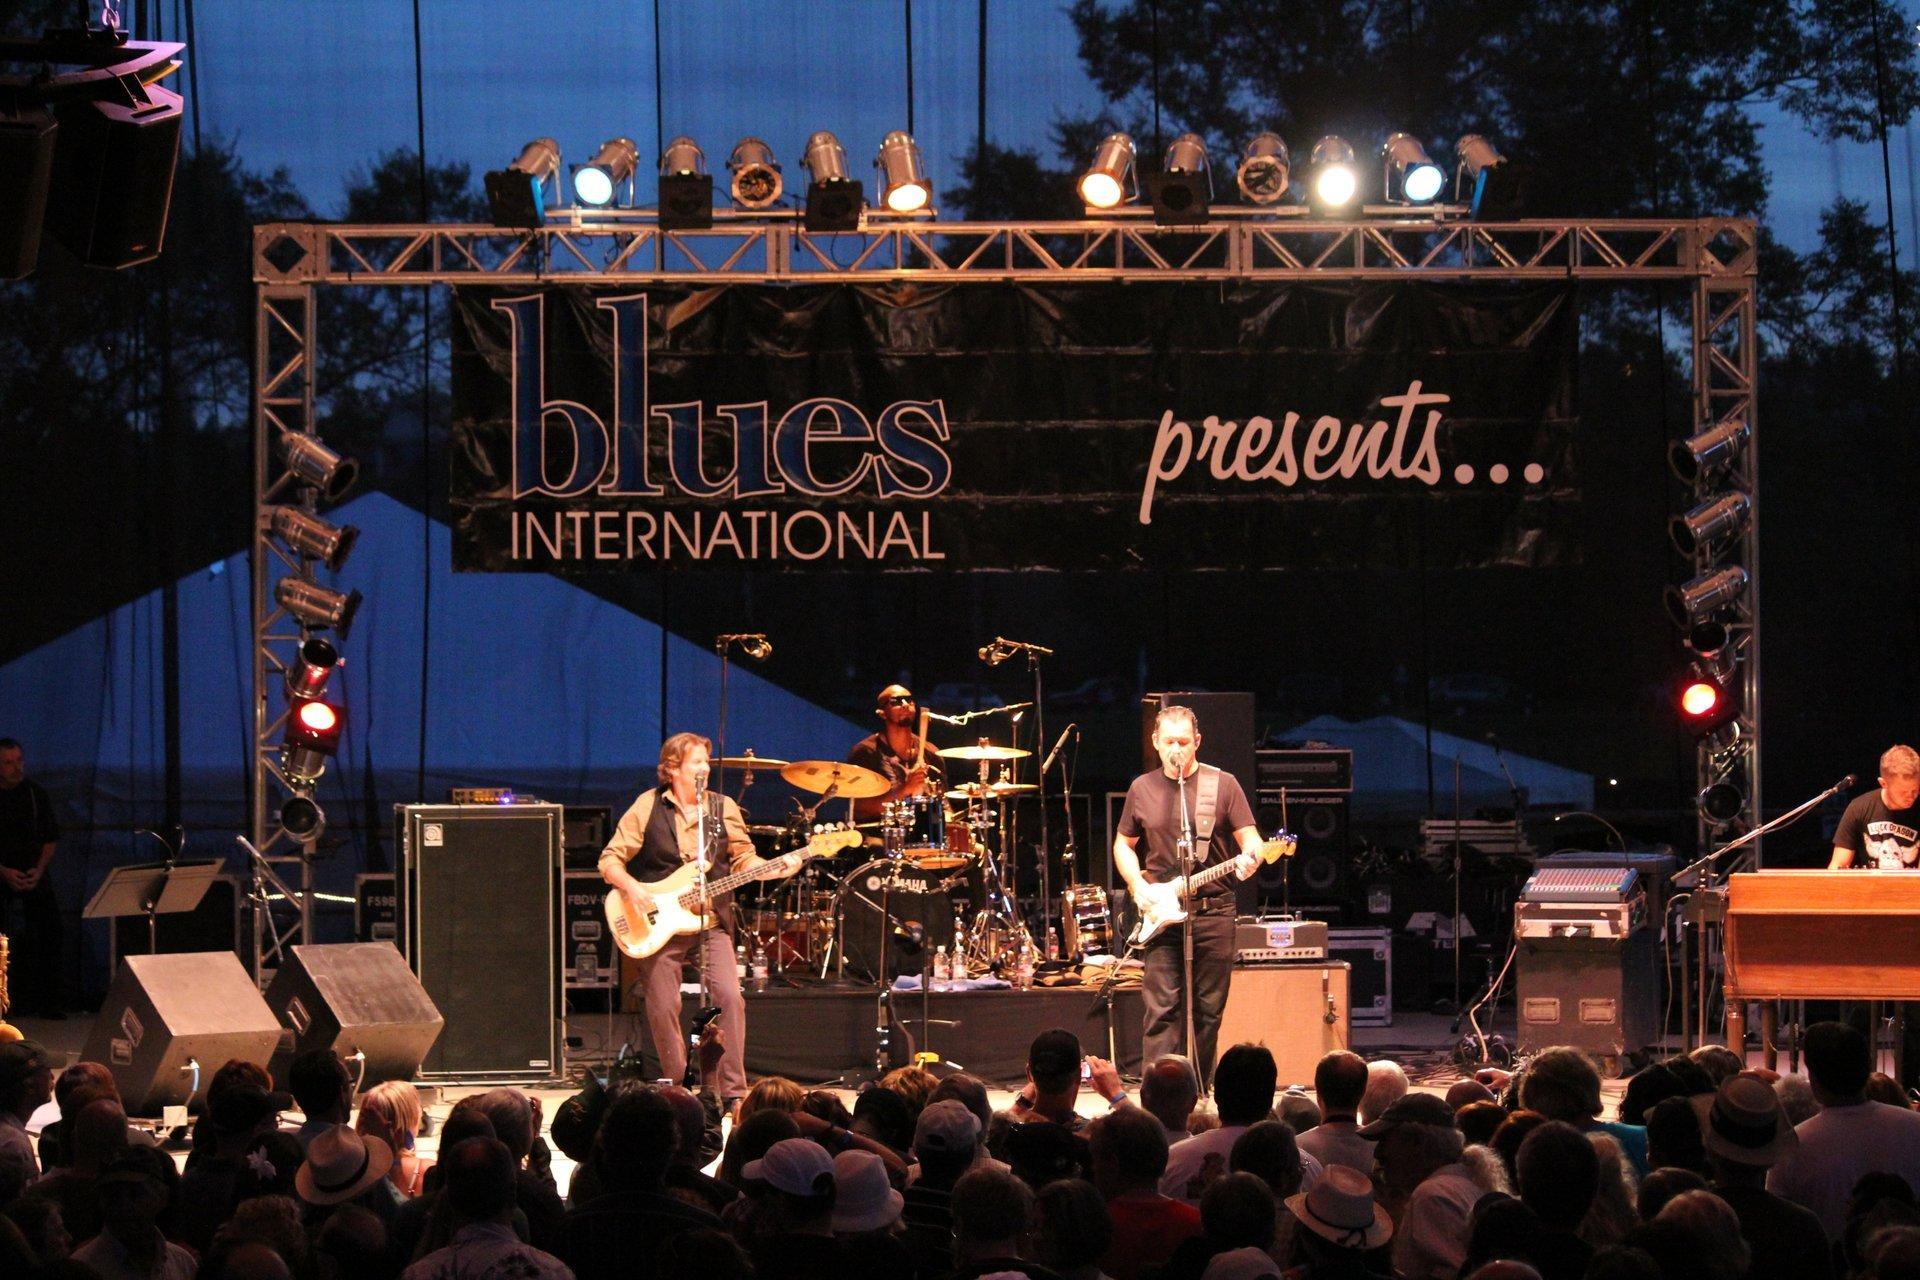 Edmonton Blues Festival in Edmonton - Best Season 2020